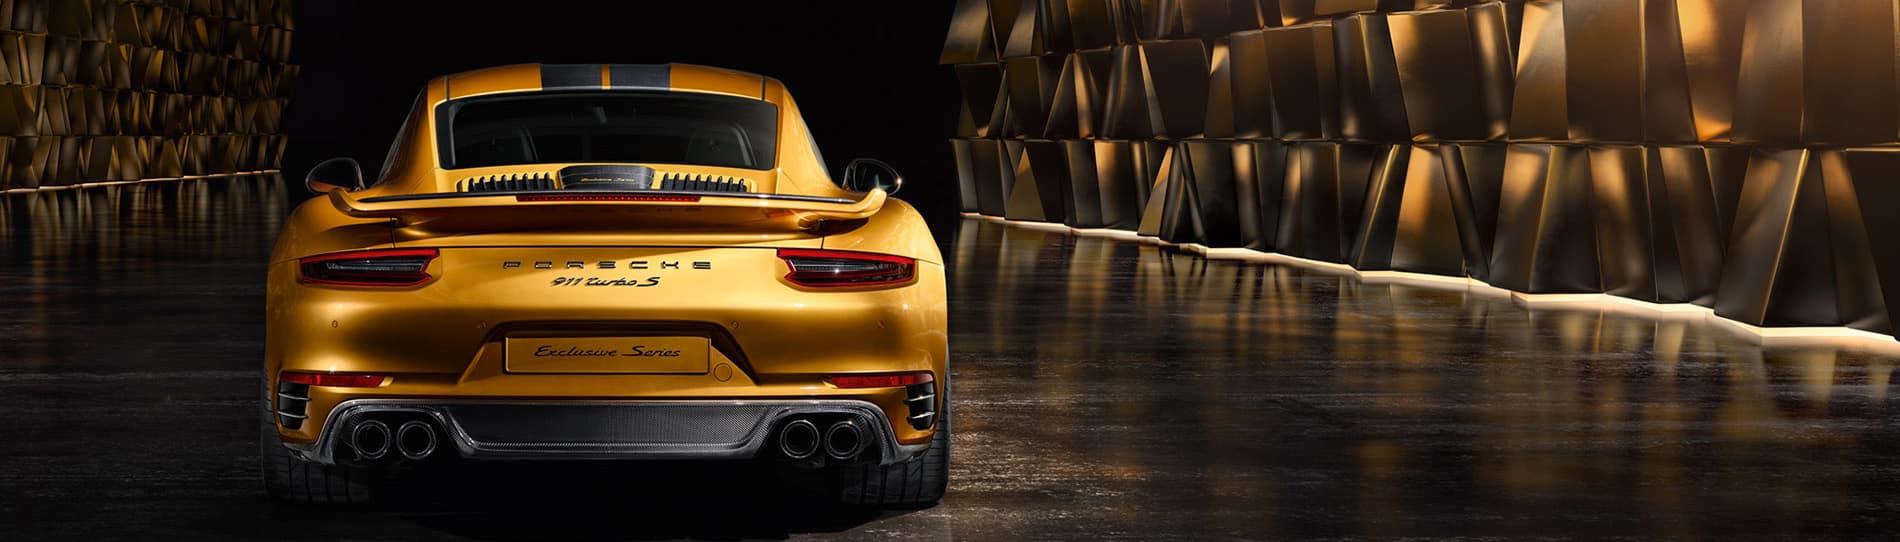 Porsche Banner